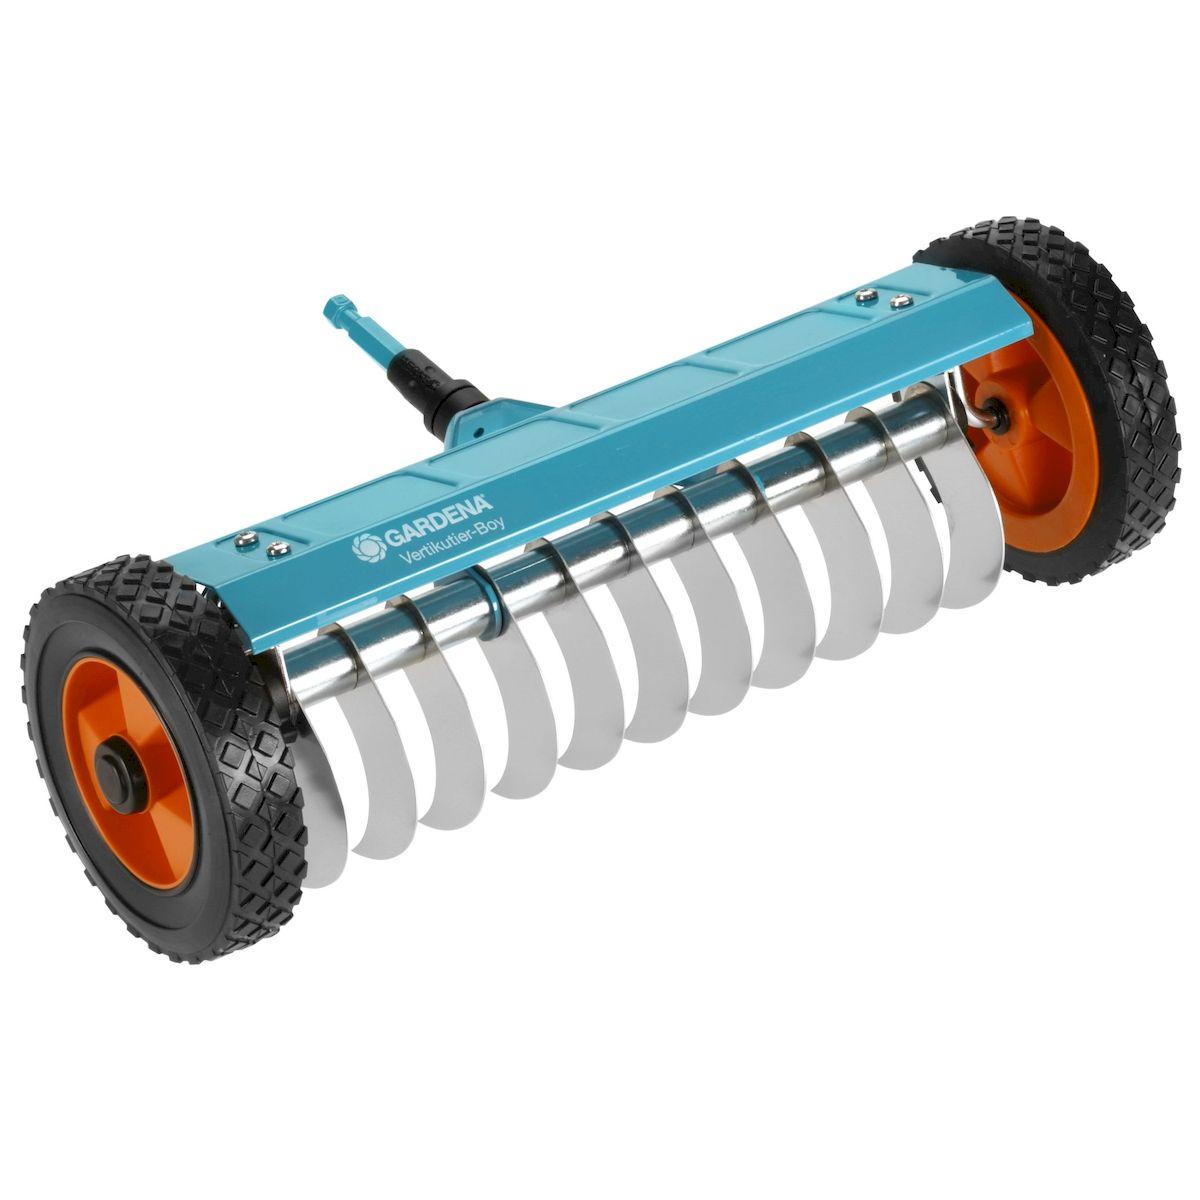 Прореживатель на колесах Gardena531-402Прореживатель на колесах Gardena позволяет удалять мох, сорняки и отмершую траву с участка, улучшая тем самым восприимчивость почвы к воздуху, воде и питательным веществам. Специальные зубья с гладким торцом из высококачественной нержавеющей пружинной стали легко проникают в почву на незначительную глубину и удаляют нежелательную отмершую траву и солому. Удобство работы прореживателем повышается за счет надежных колес, снабженных специальными протекторами, а также вспомогательной опоры. Прореживатель на колесах можно использовать с любой ручкой, однако рекомендуется использовать ручку длиной 180 см, в зависимости от роста пользователя.Рабочая ширина - 32 см.